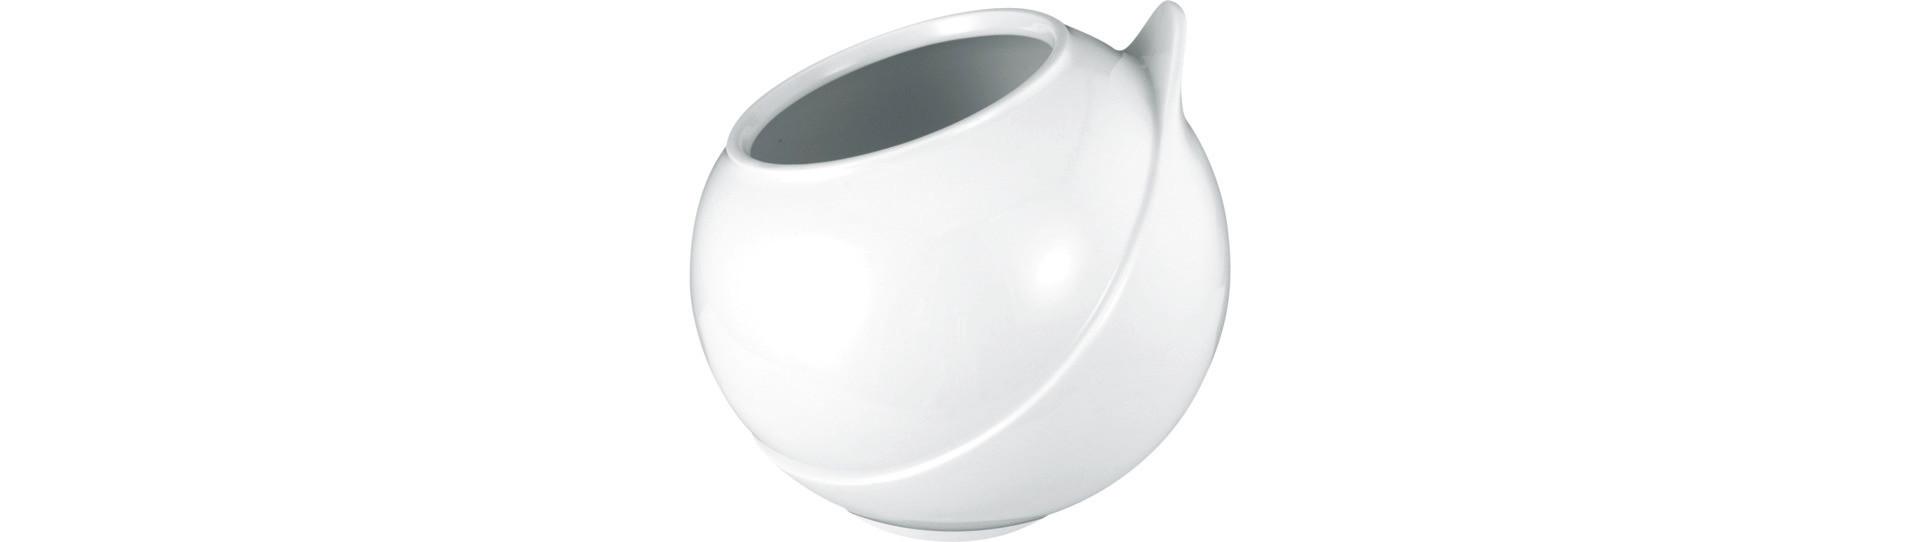 Buffet Gourmet, Bowl Unterteil ø 175 mm / 1,50 l